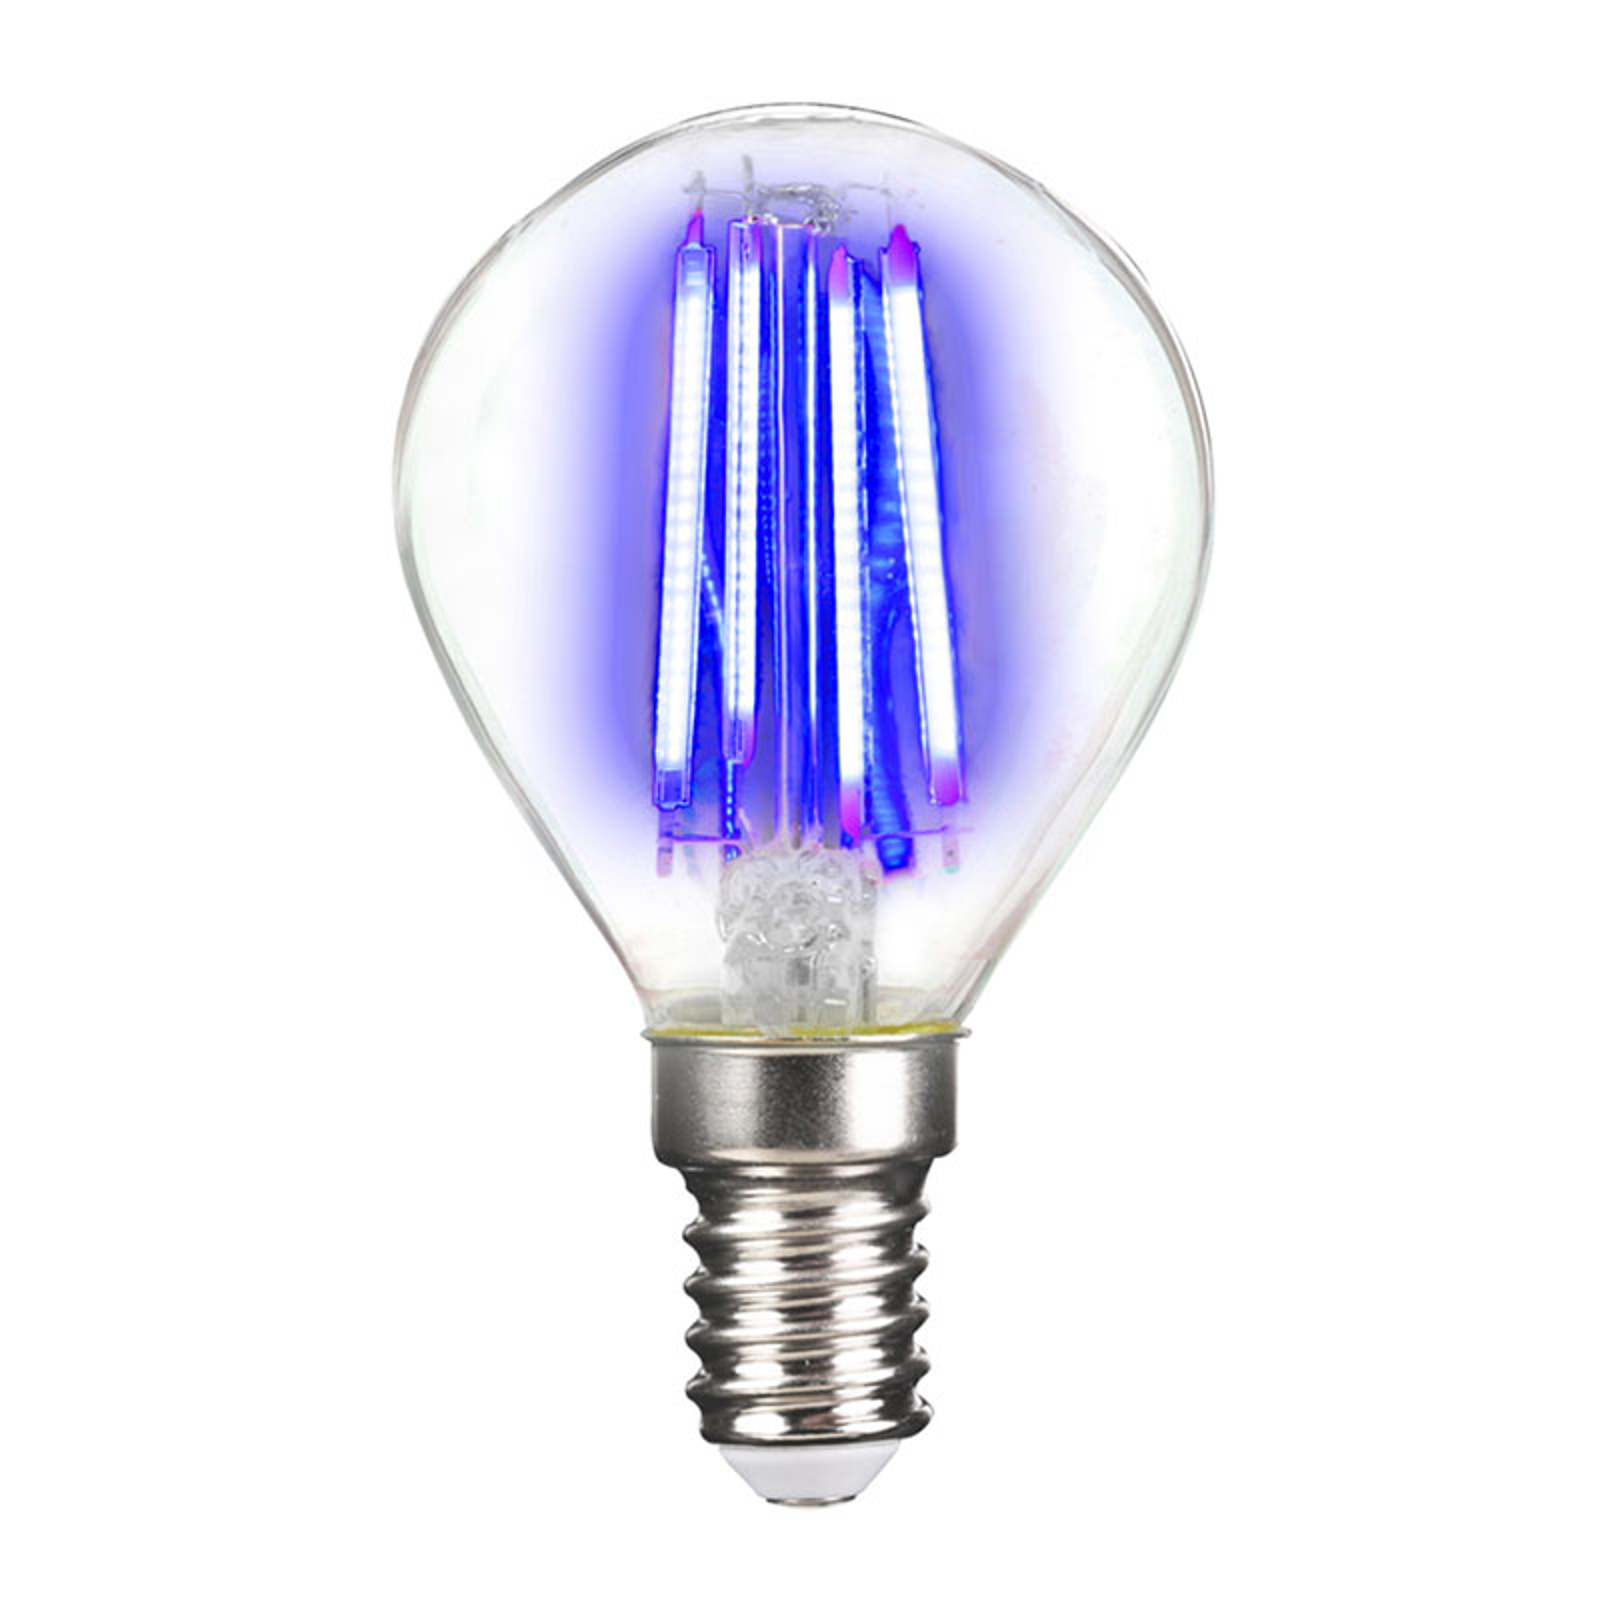 LED-Lampe E14 4W Filament, blau